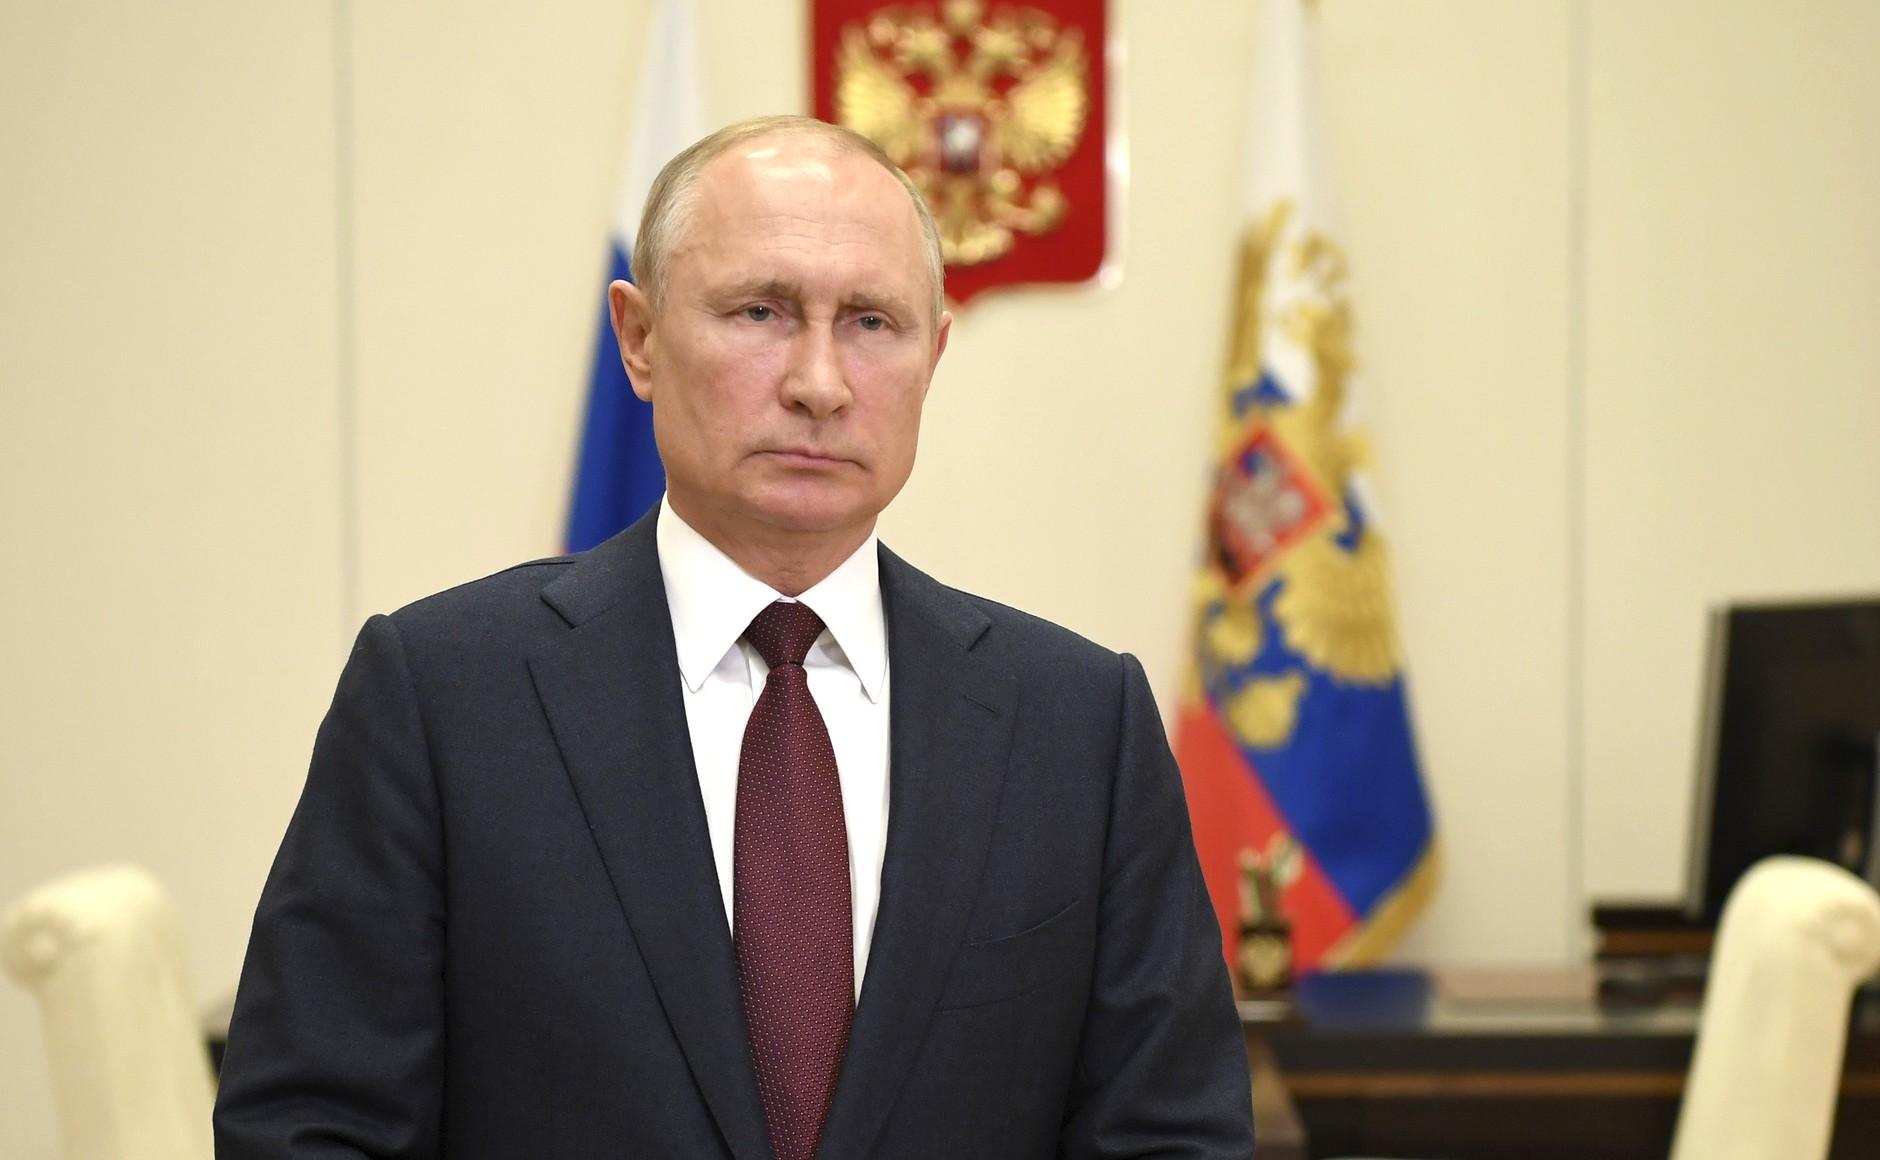 Putin's Constitution